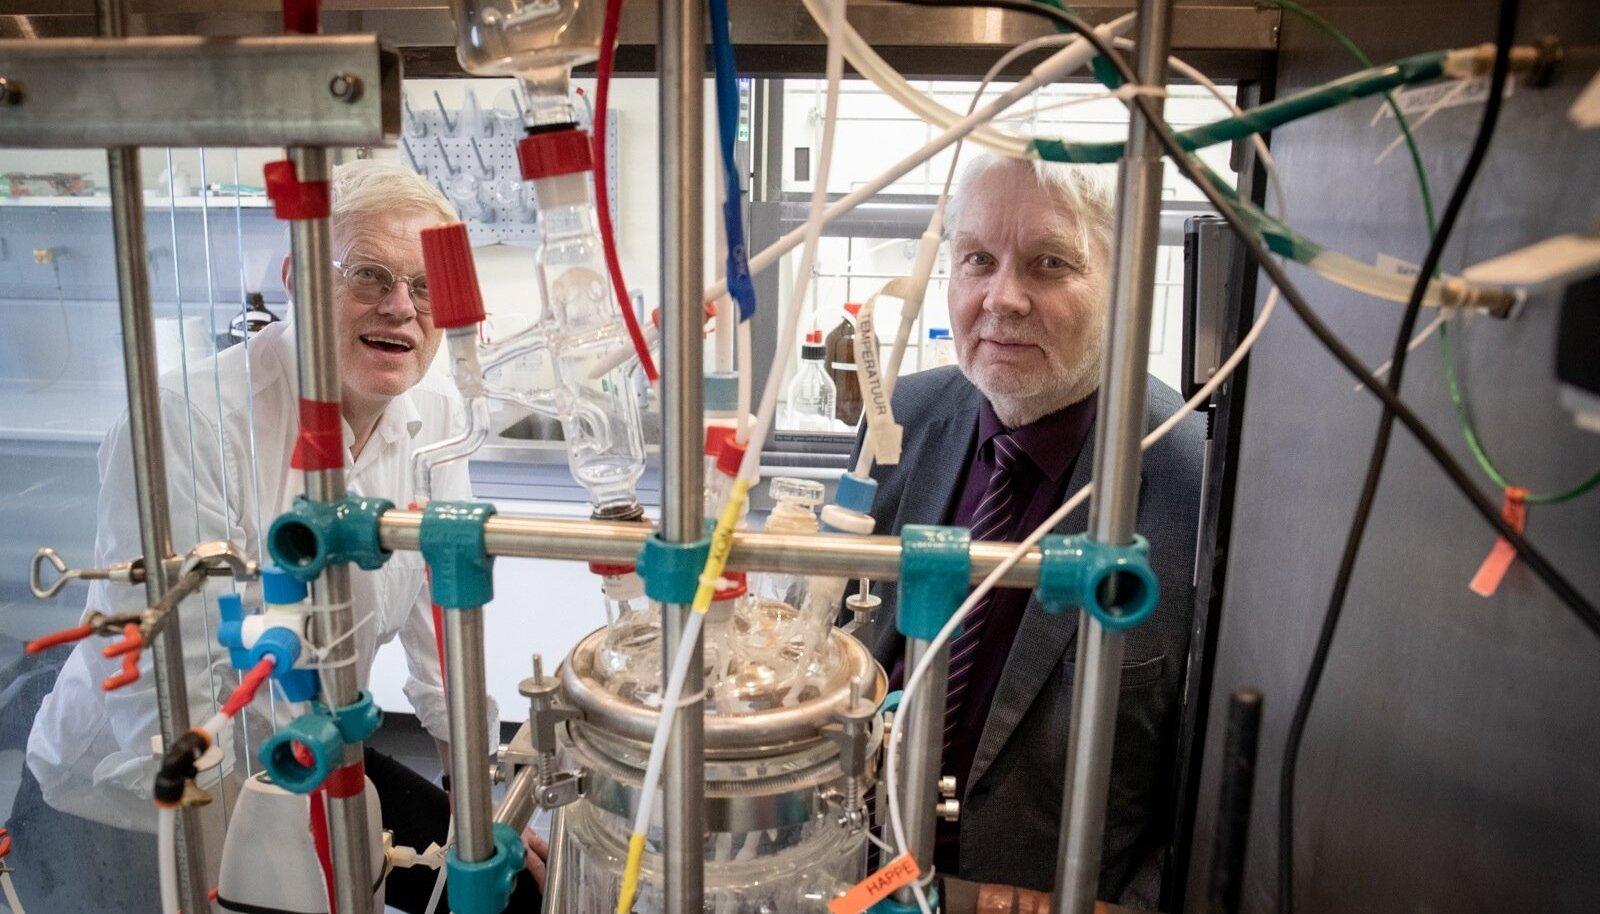 Tallinna tehnikaülikooli professor Margus Lopp (paremal) ja tehnoloogiadoktor Jaan Uustalu näitavad laboriseadet, mille abil on põlevkivist võimalik otse välja võtta keemiatööstuse põhitoorained.